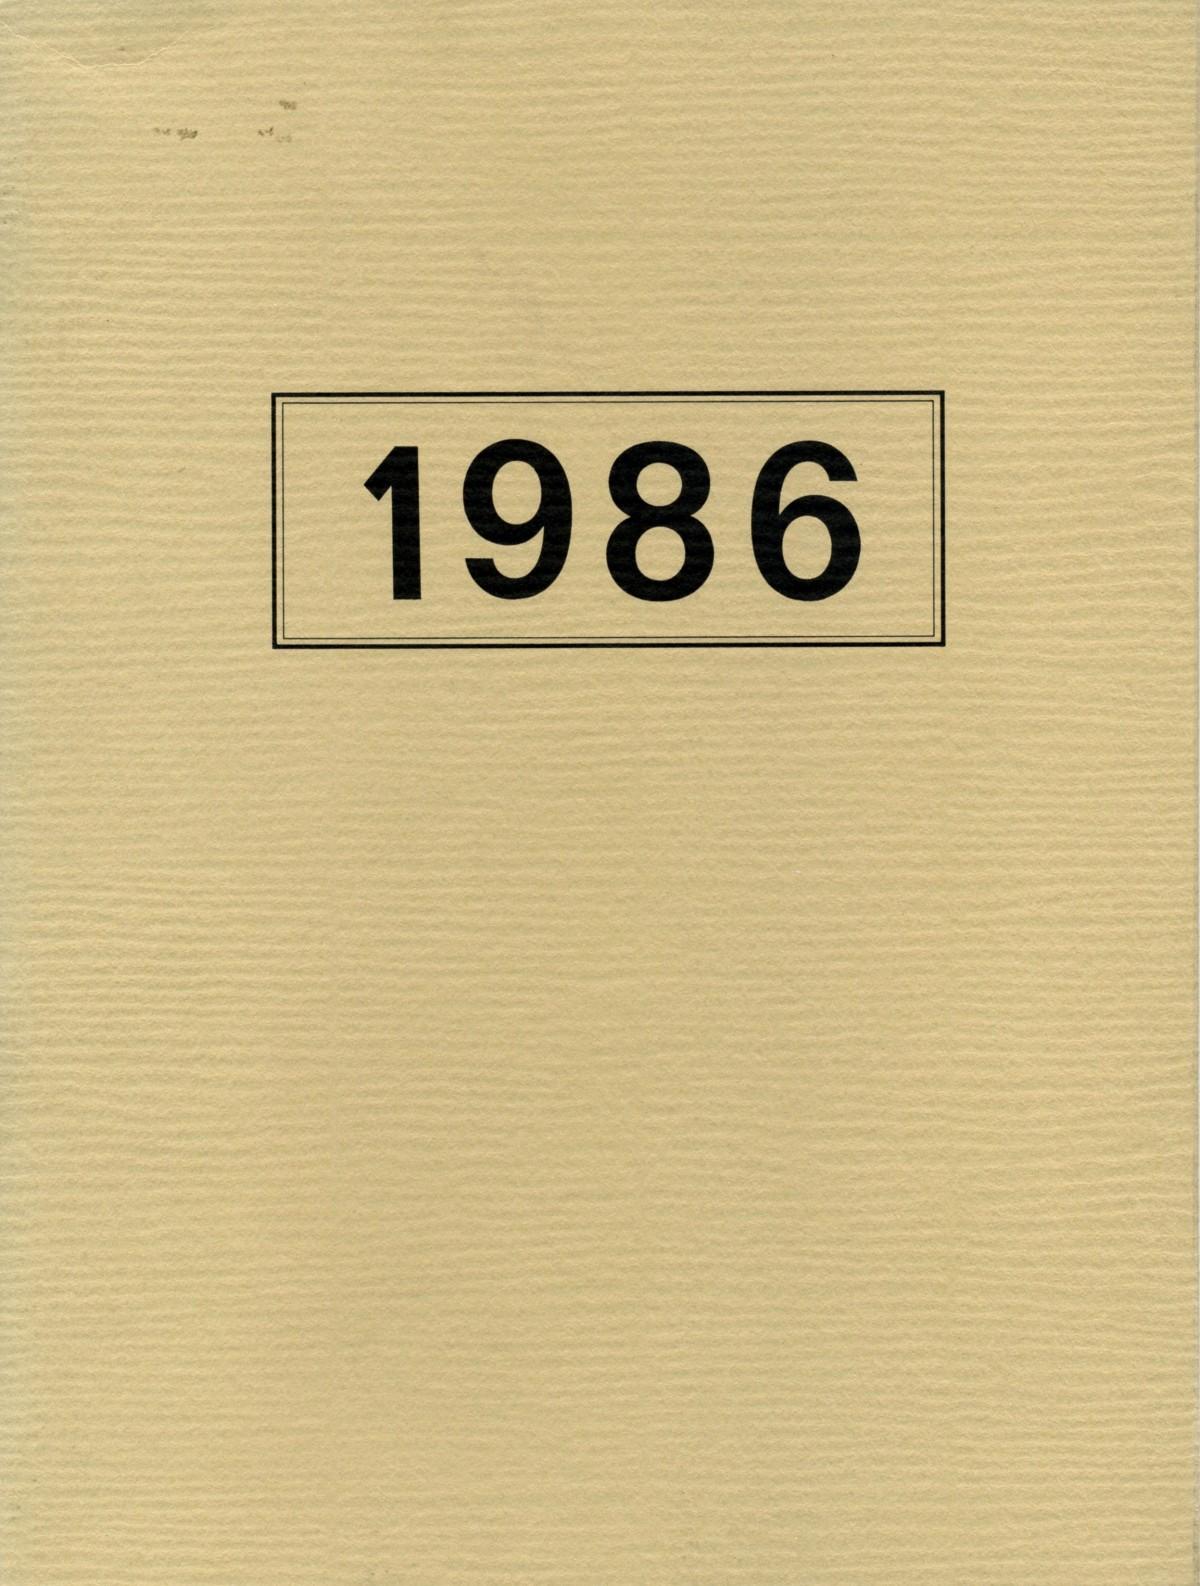 1986_françoise-paviot